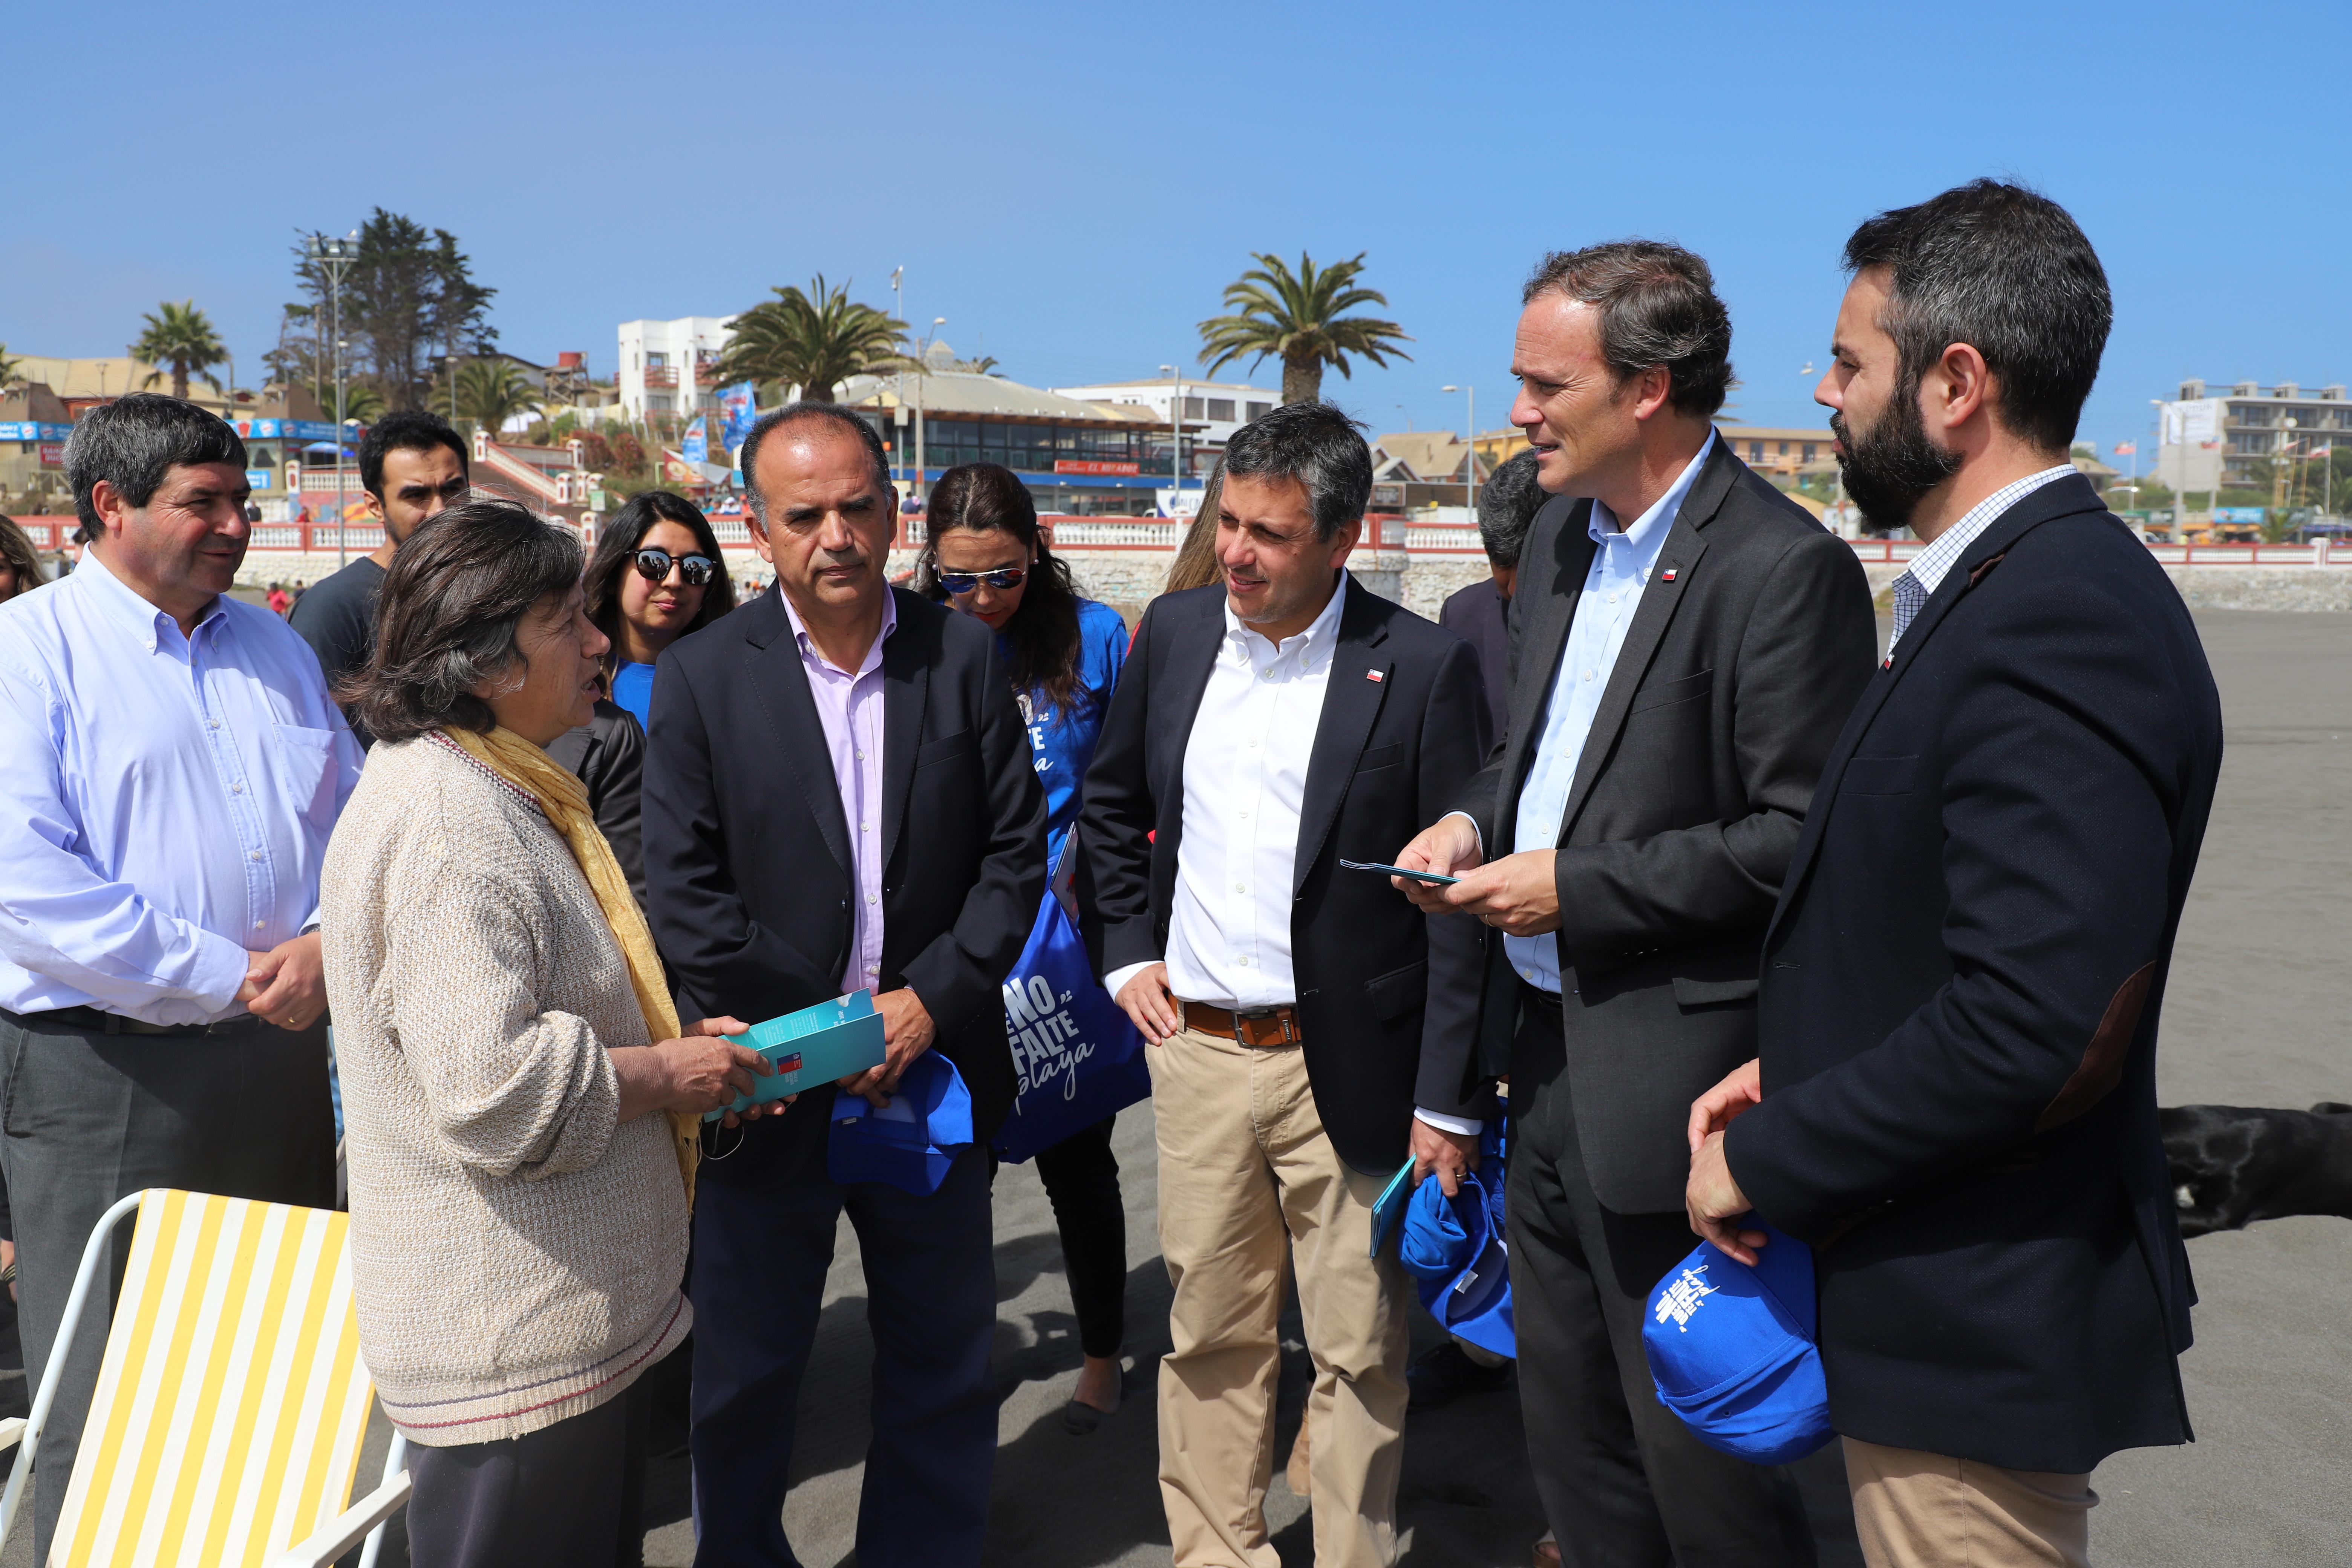 """Intendente Masferrer y Ministro de Bienes Nacionales refuerzan campaña """"Que no te falte playa"""" en Pichilemu"""